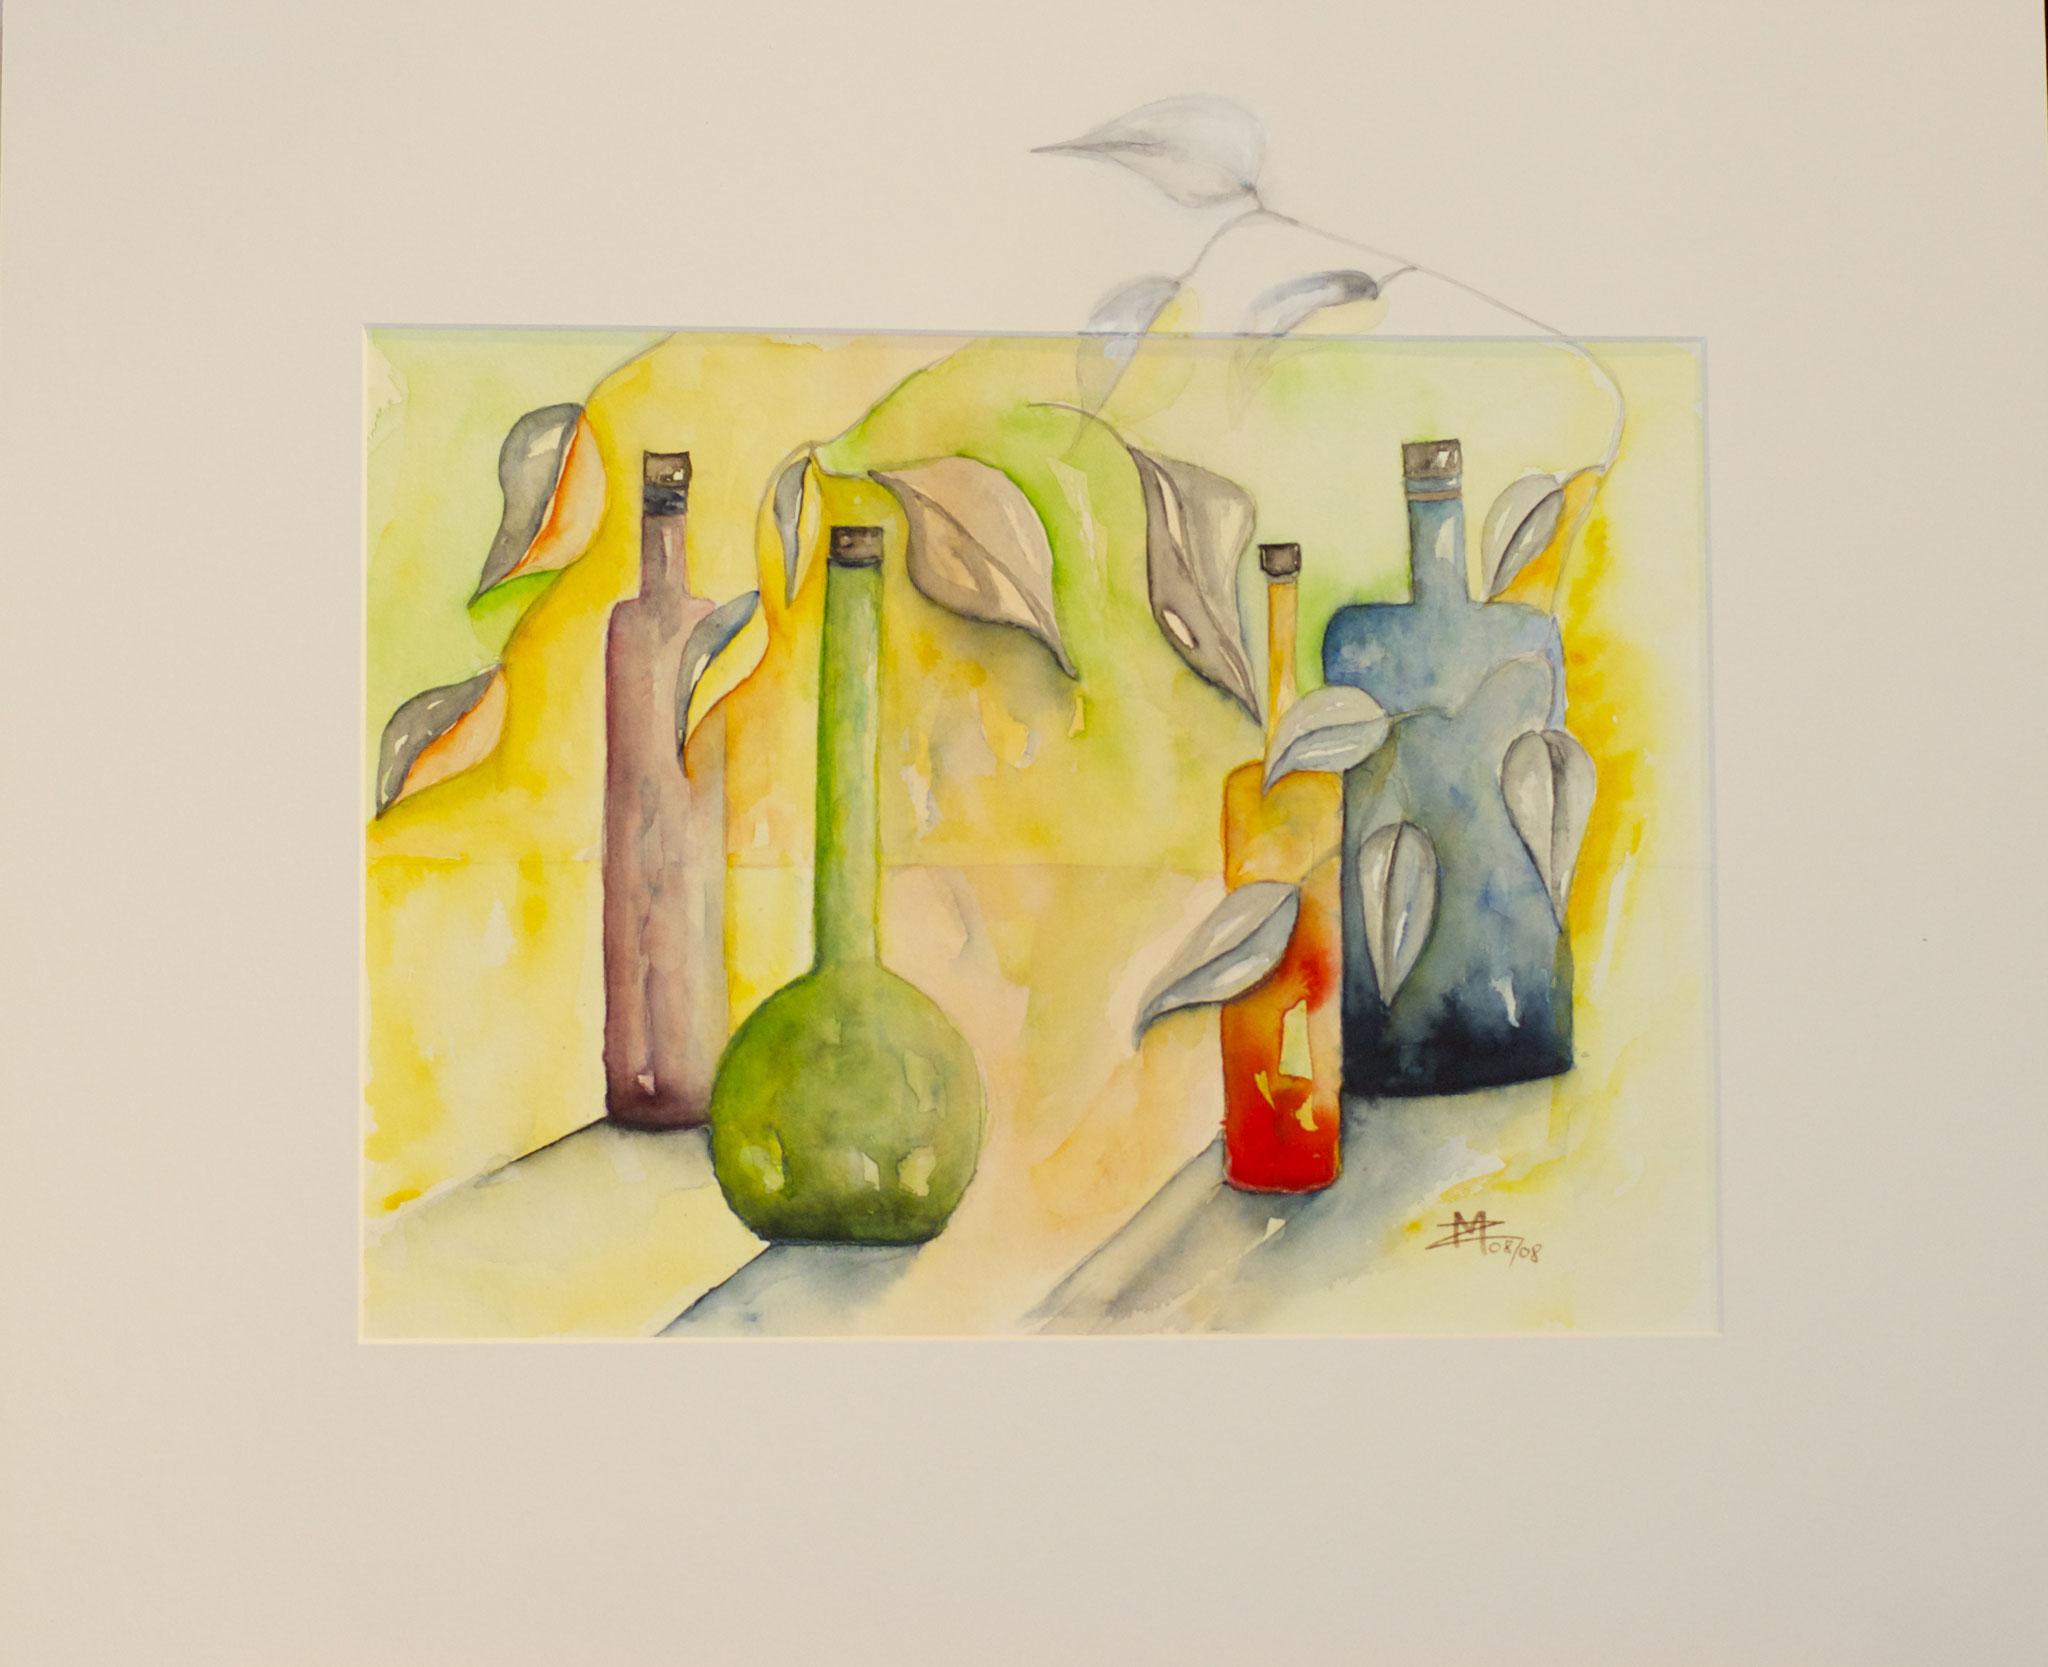 Flaschen bunt Aquarell 30X40cm Bild Nr.67 Preis auf Anfrage